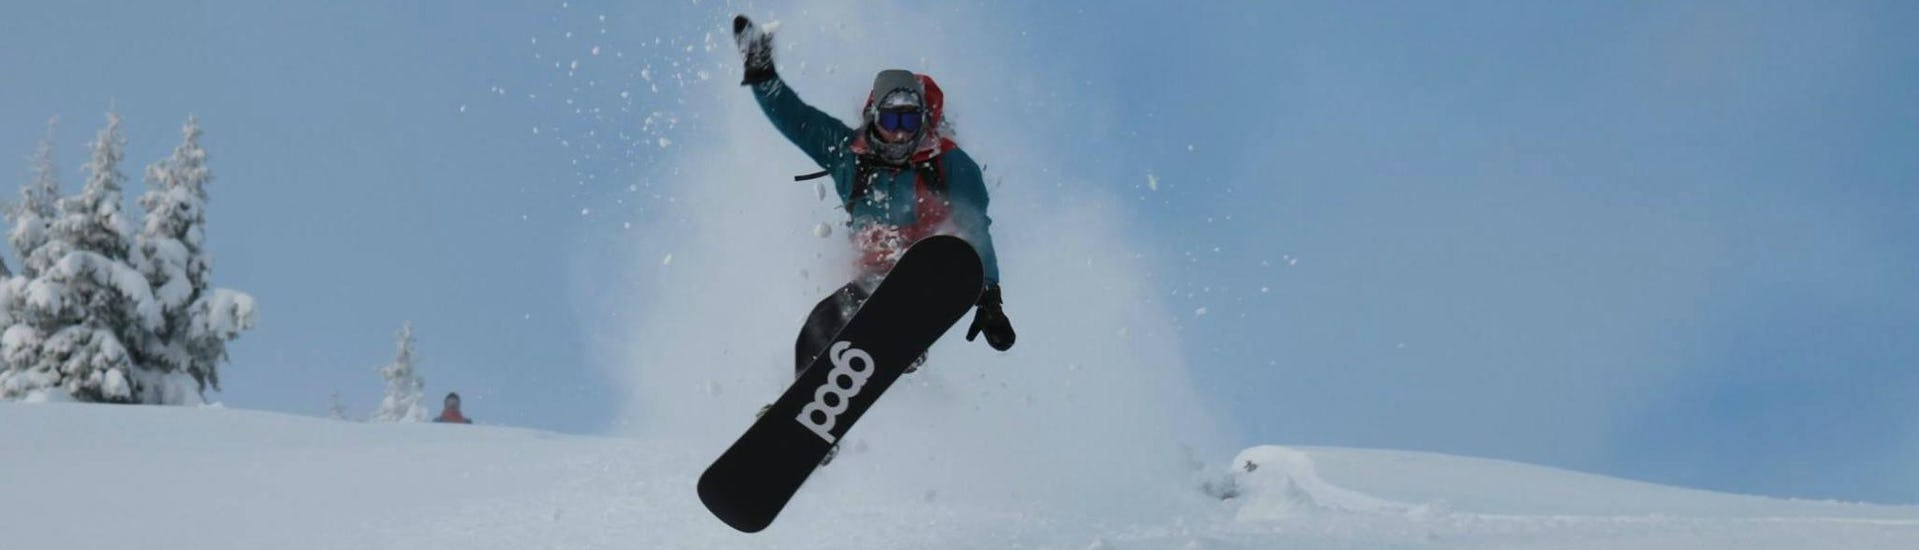 Freestylekurs (Snowboard) - Inkl. Equipment